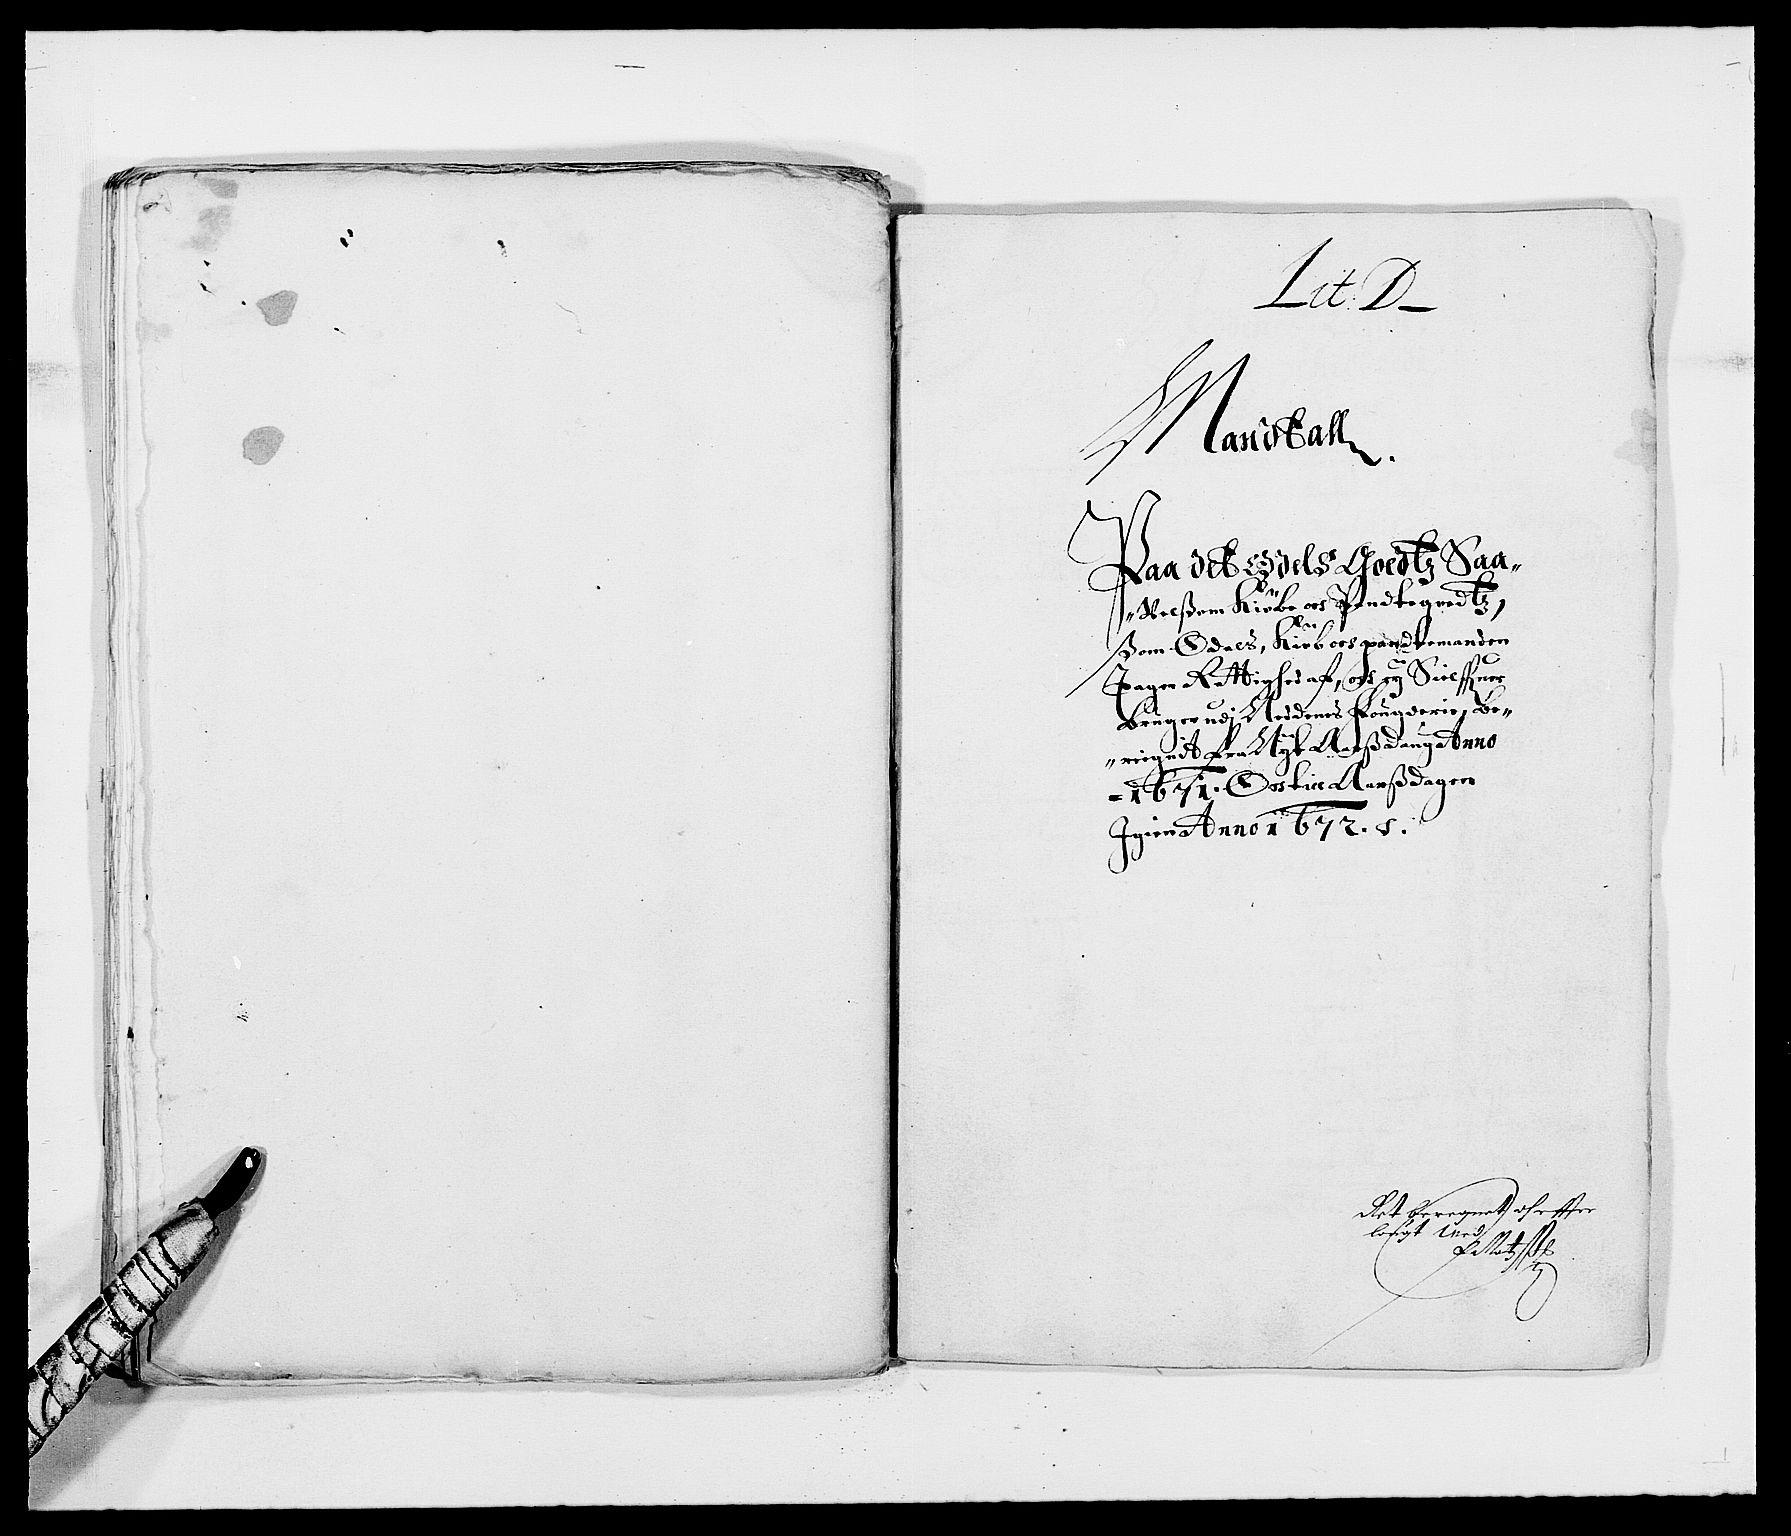 RA, Rentekammeret inntil 1814, Reviderte regnskaper, Fogderegnskap, R39/L2299: Fogderegnskap Nedenes, 1670-1671, s. 234